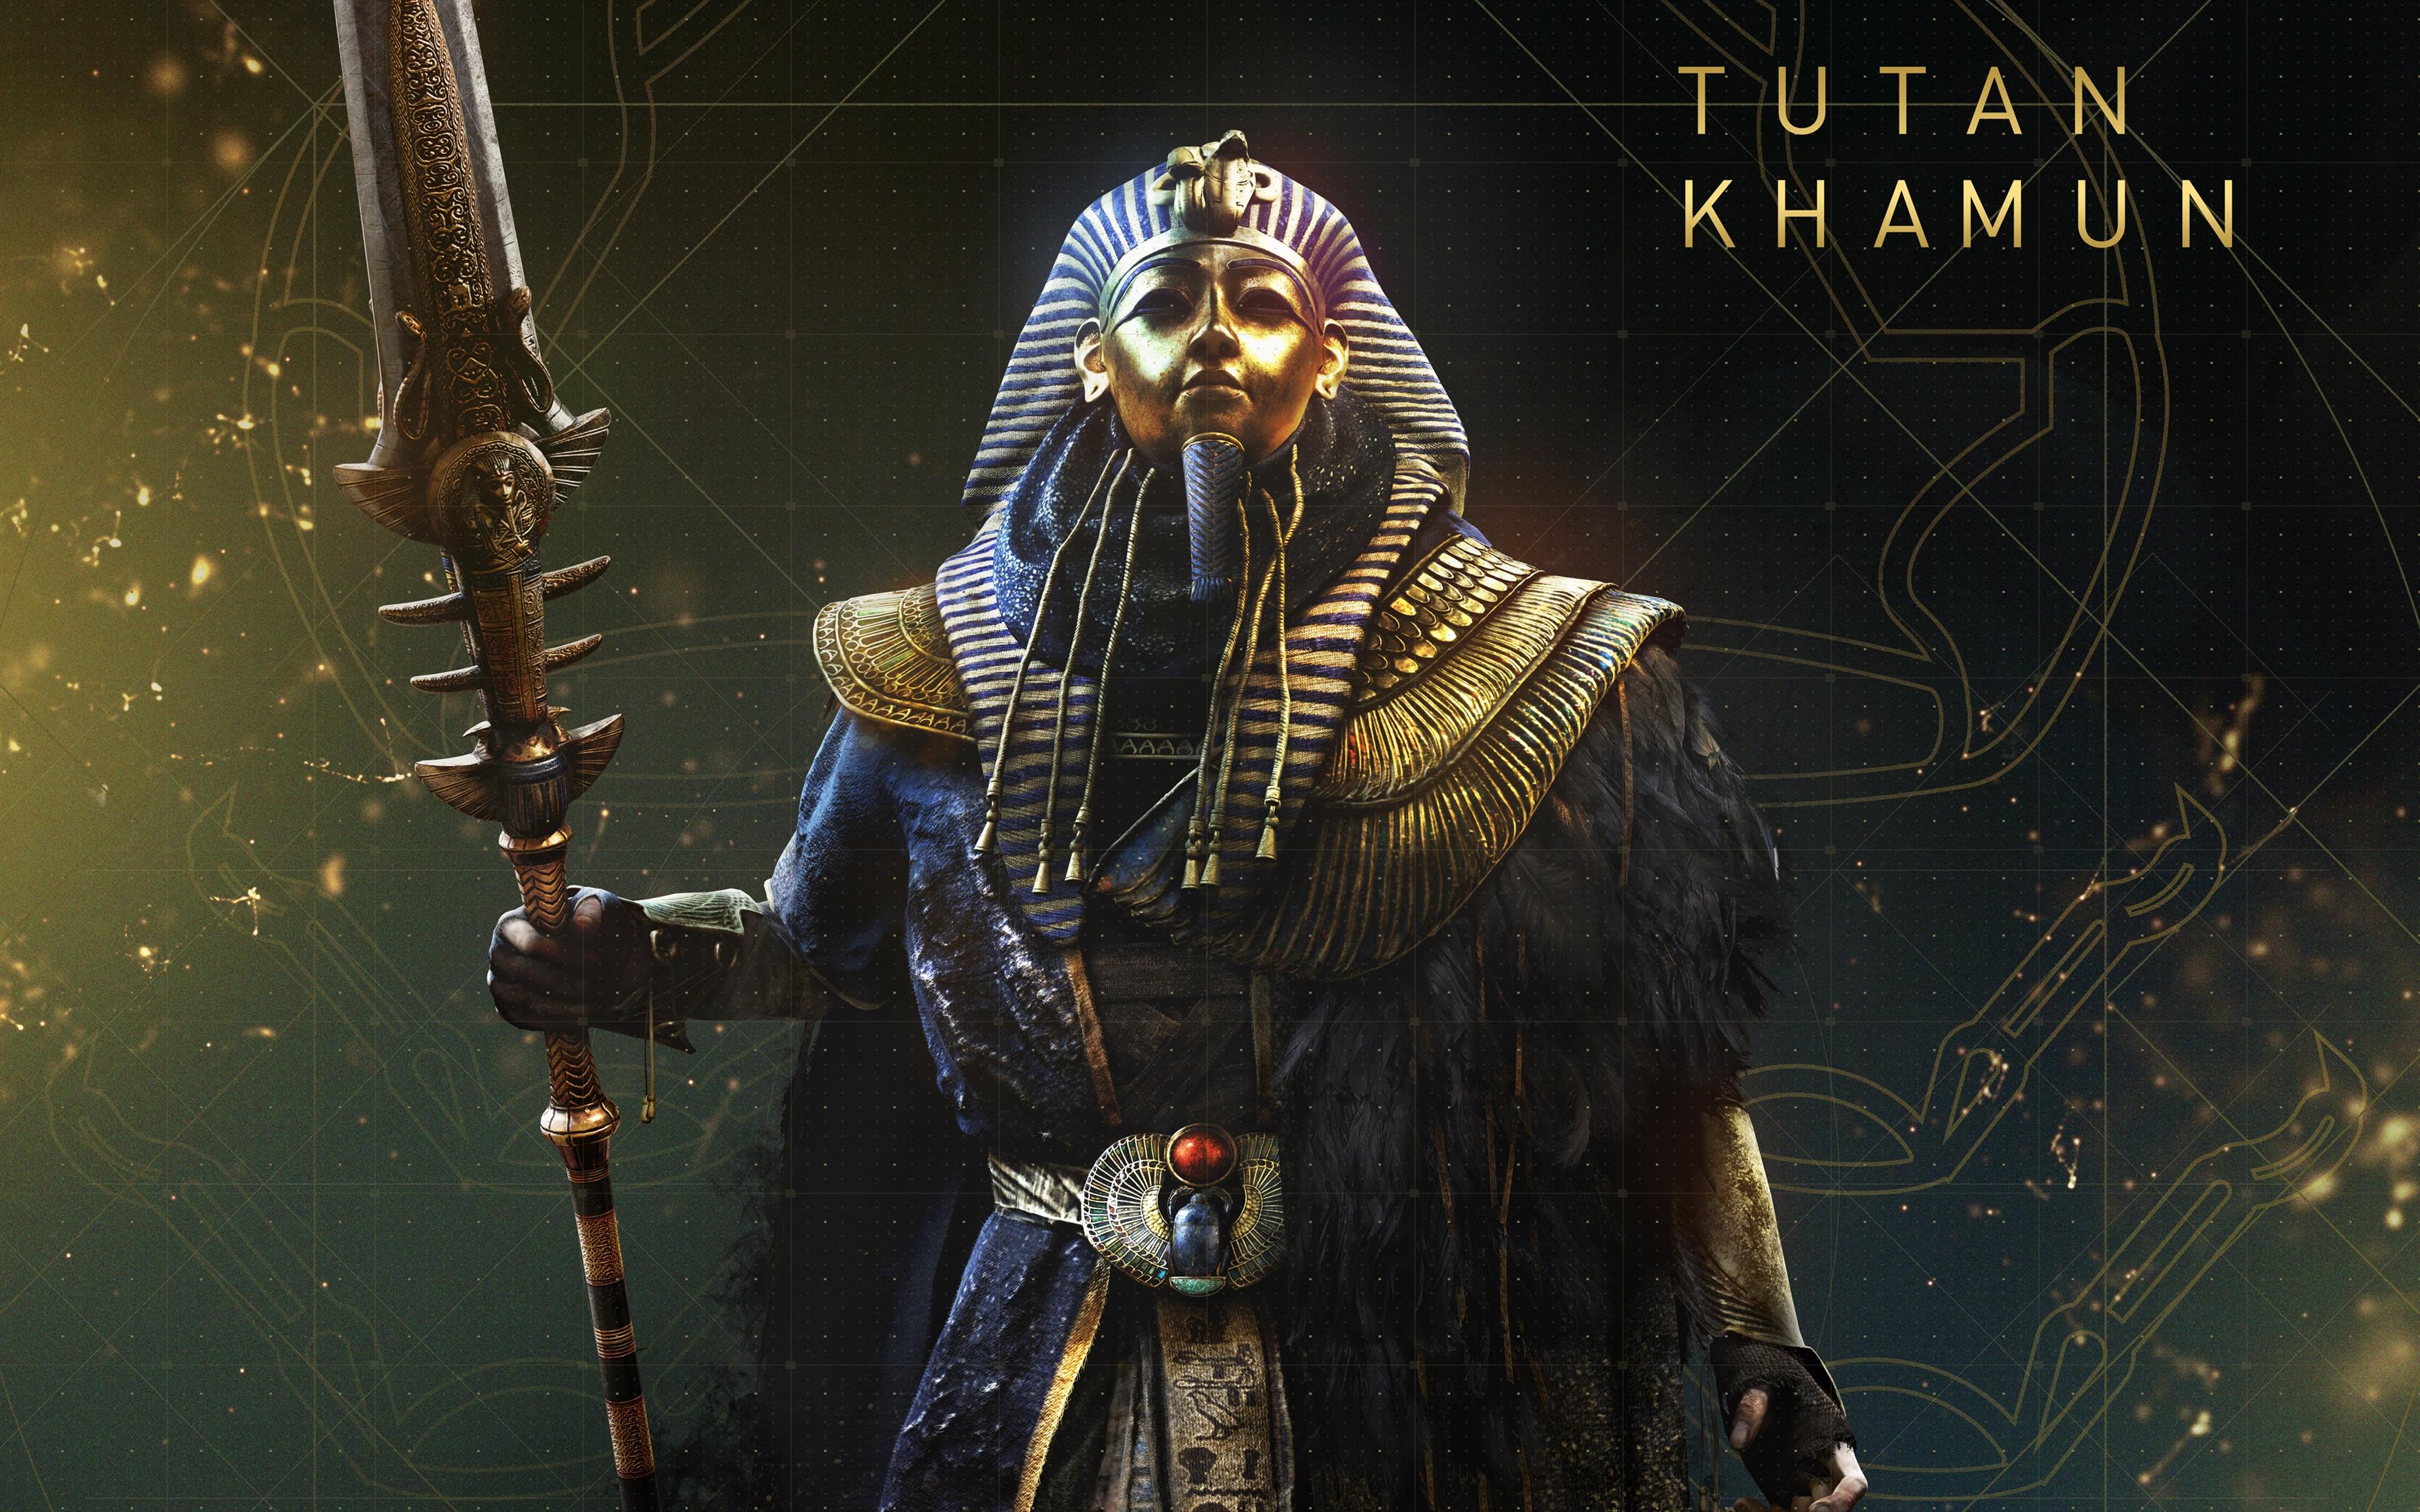 Assassins creed происхождение тутанхамон обои скачать